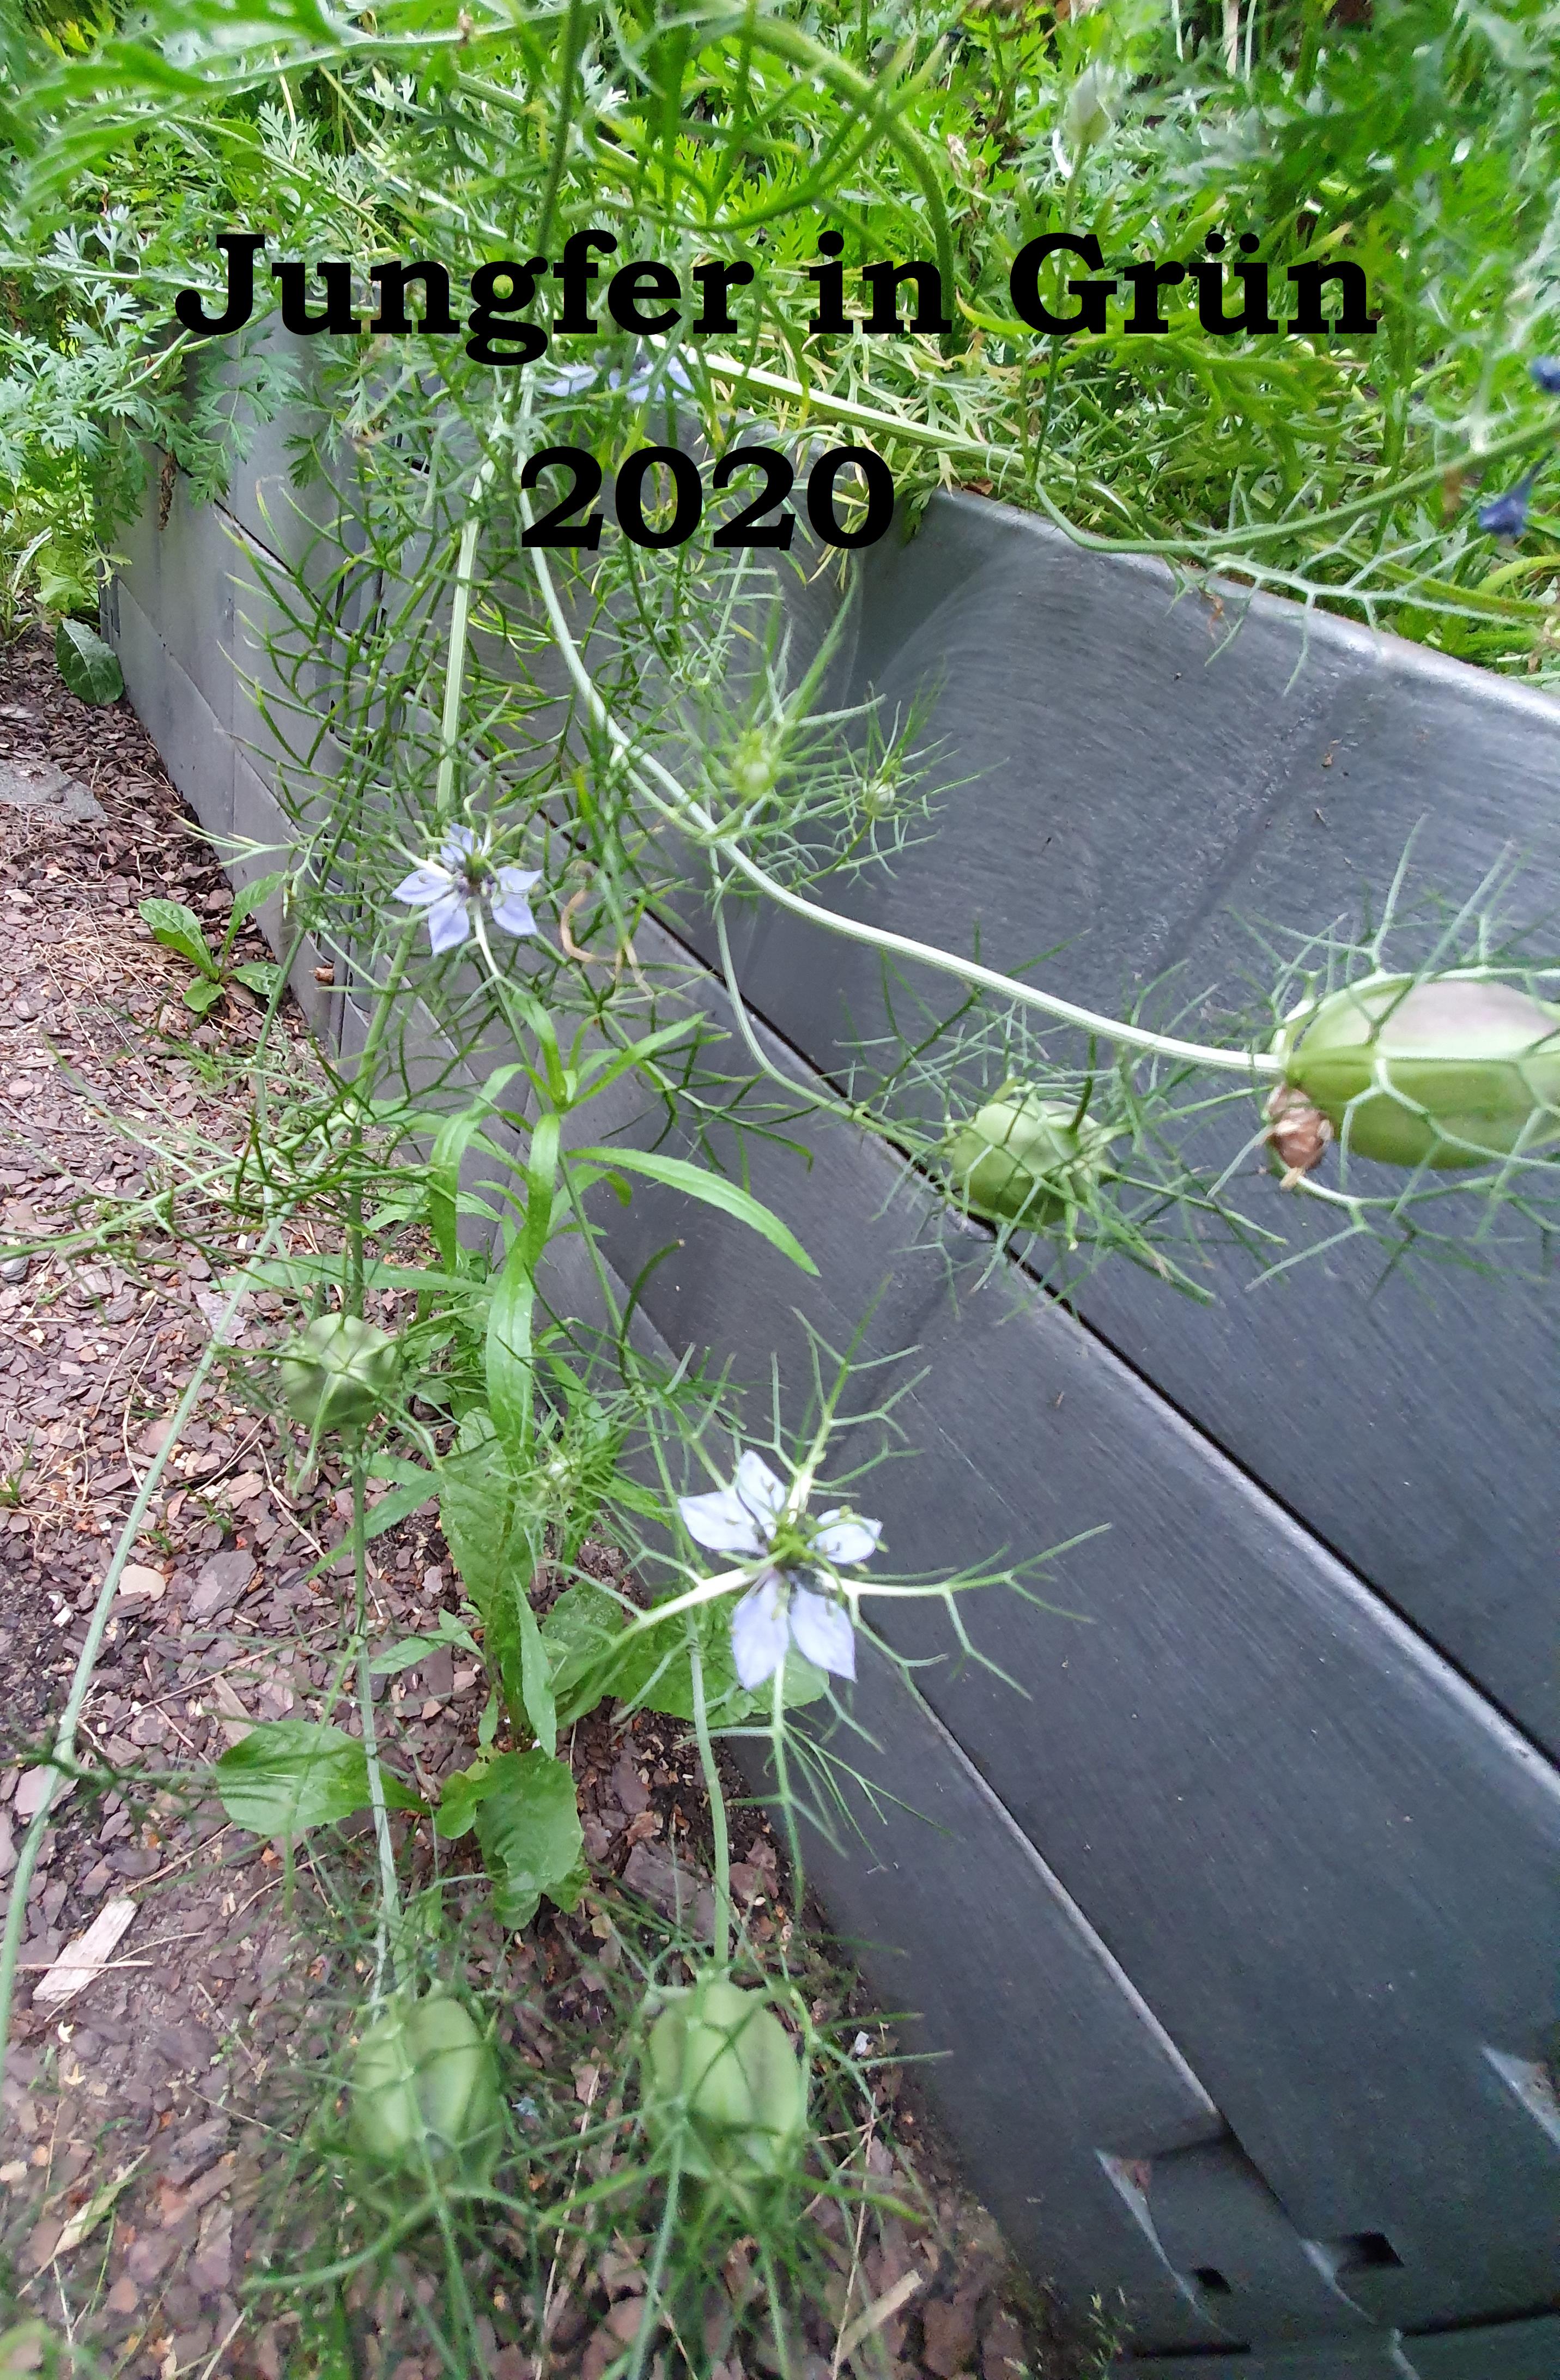 Jungfer in Grün, Samen, weiß-blau, 2020